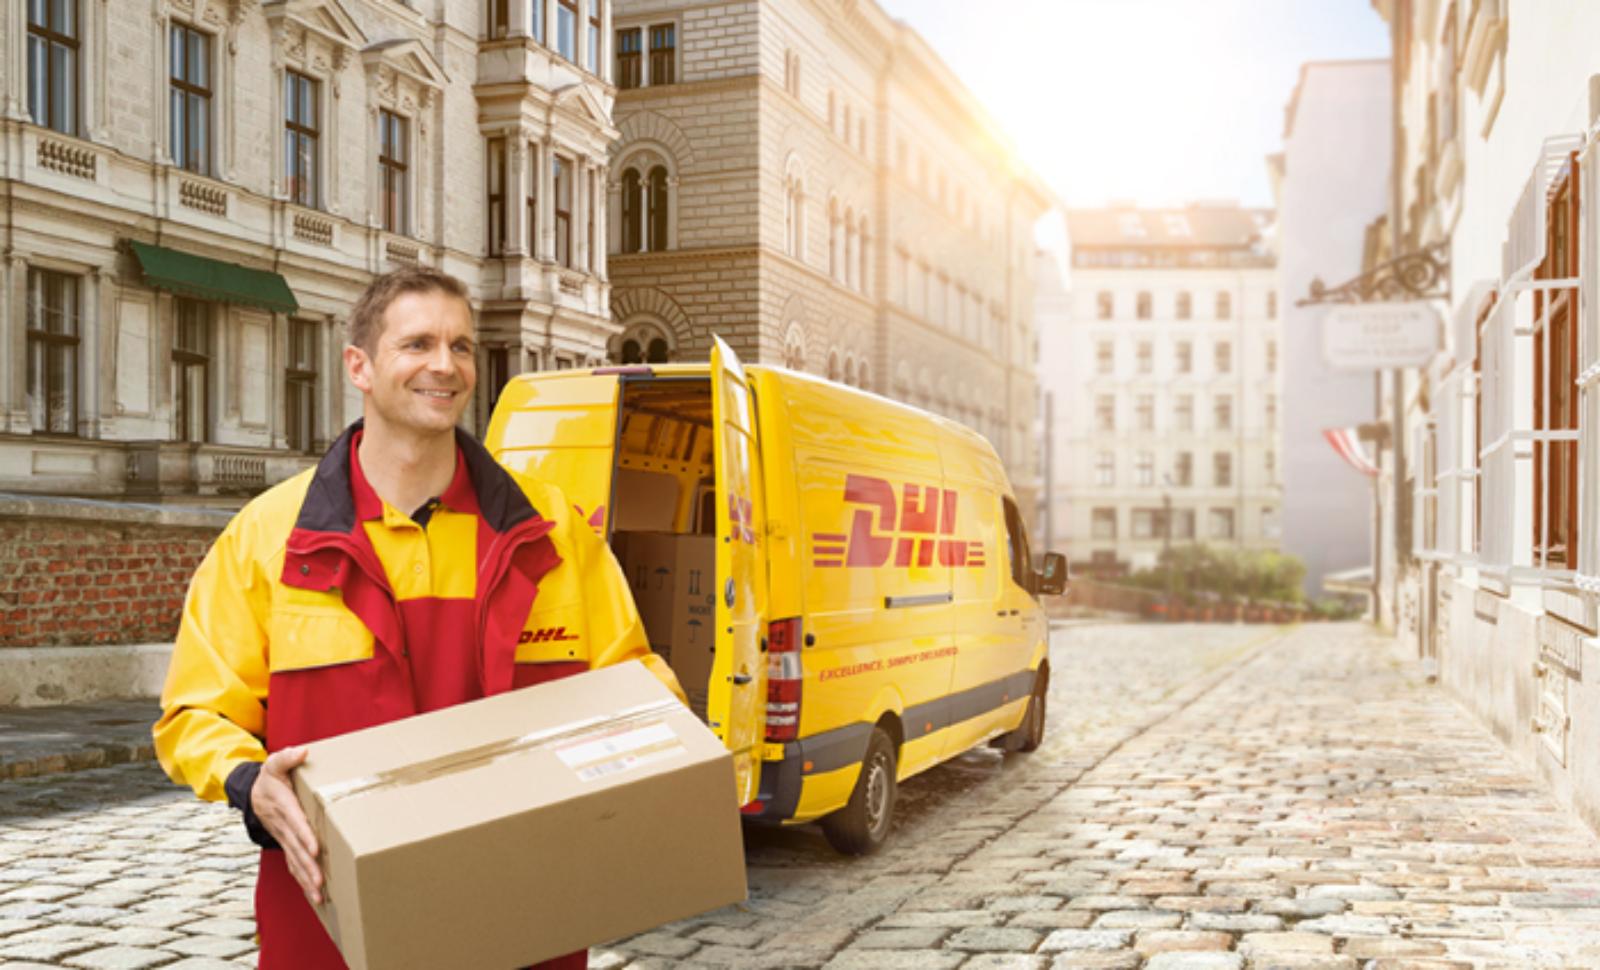 Christian Kirchmayer verstärkt als Head of Commercial das Management-Team von DHL Paket (Austria) GmbH